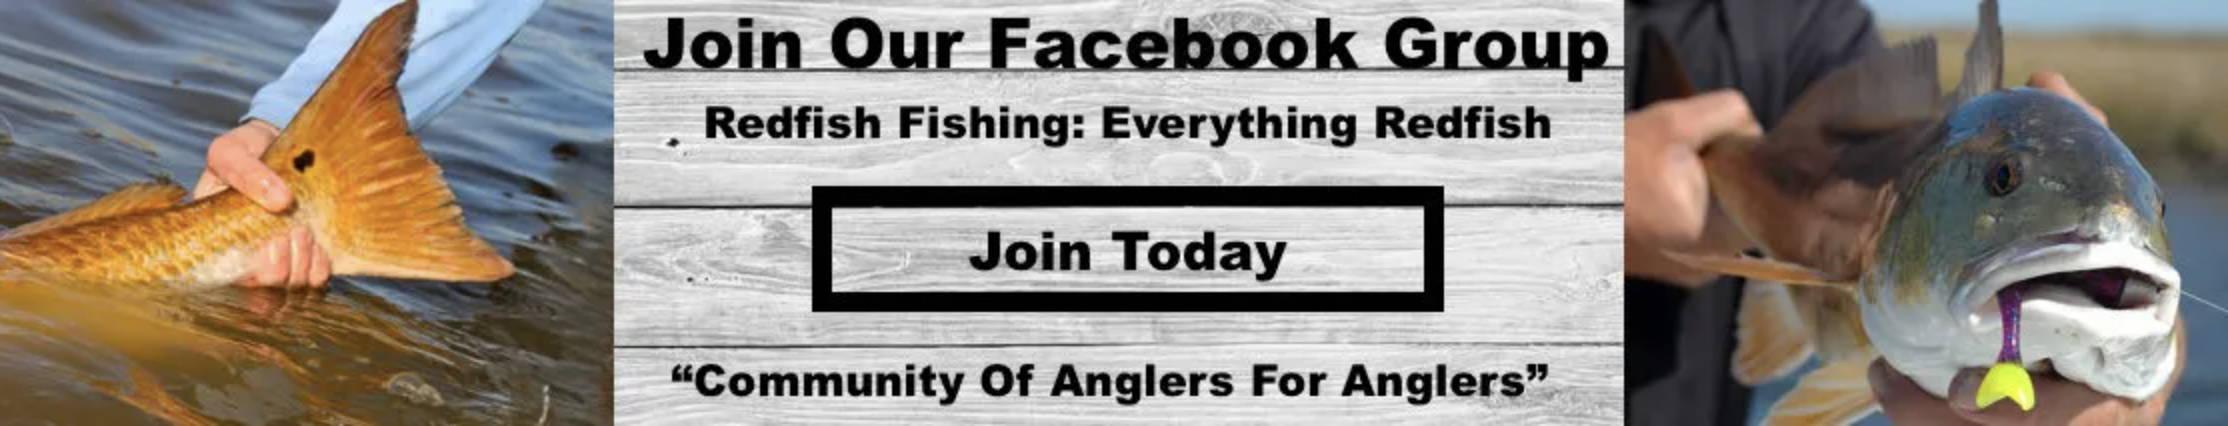 Redfish Fishing - Everything Redfish Facebook Group